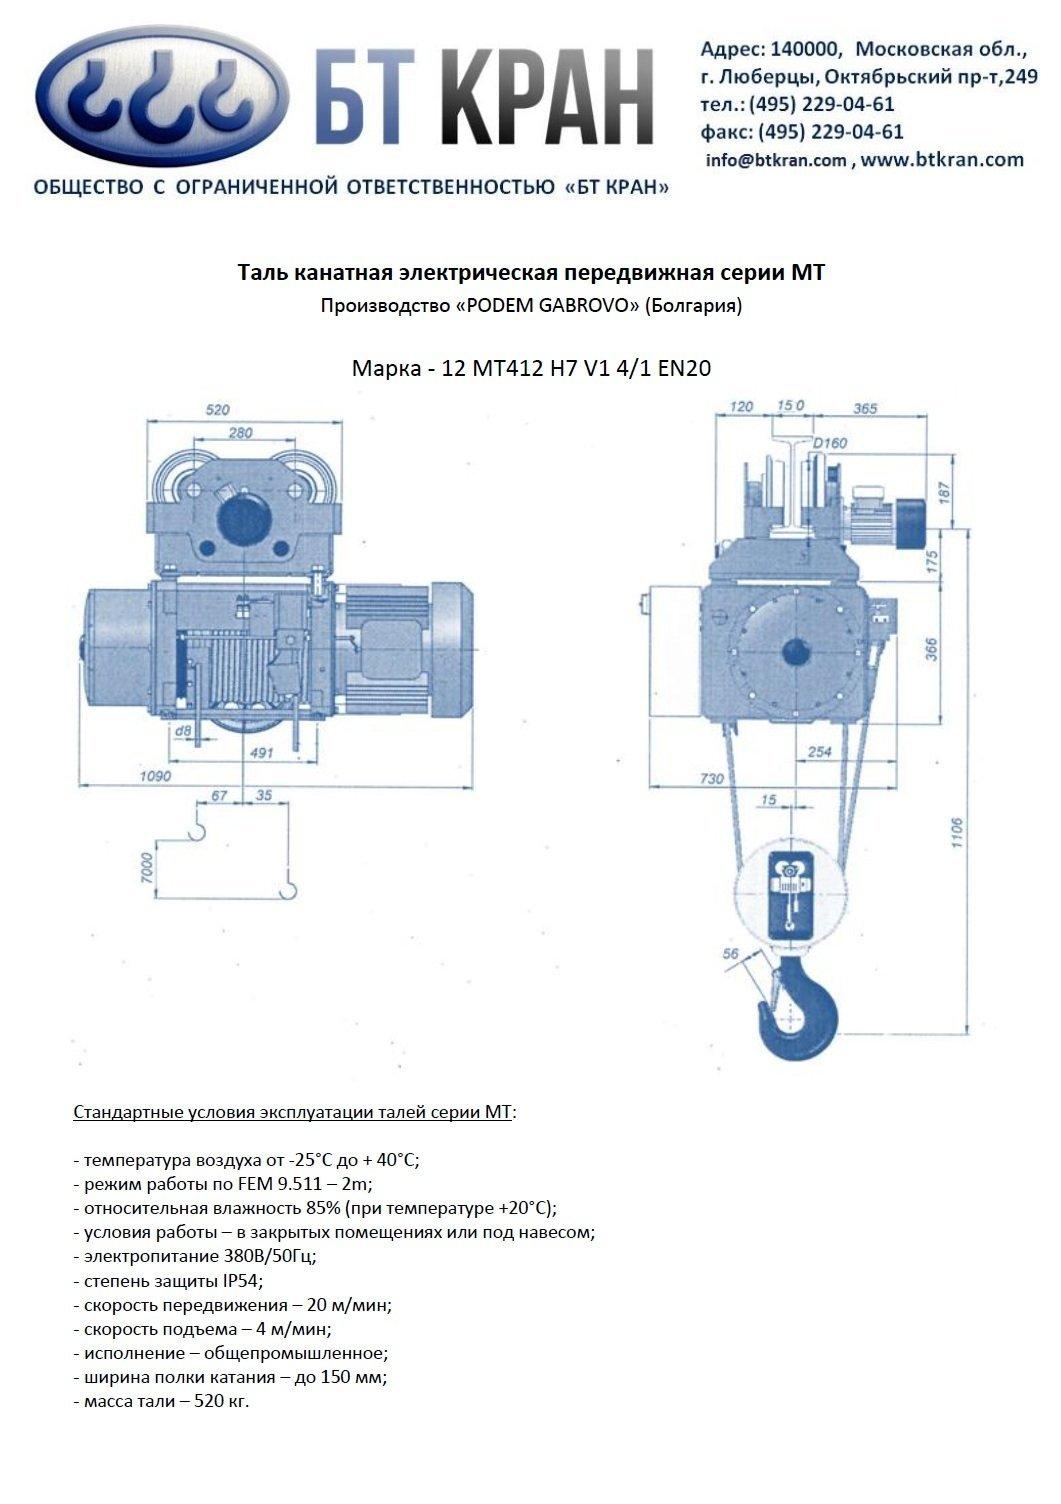 Таль электрическая передвижная МТ412 Н7 V1 4_1 EN20 серия ГАБРОВО